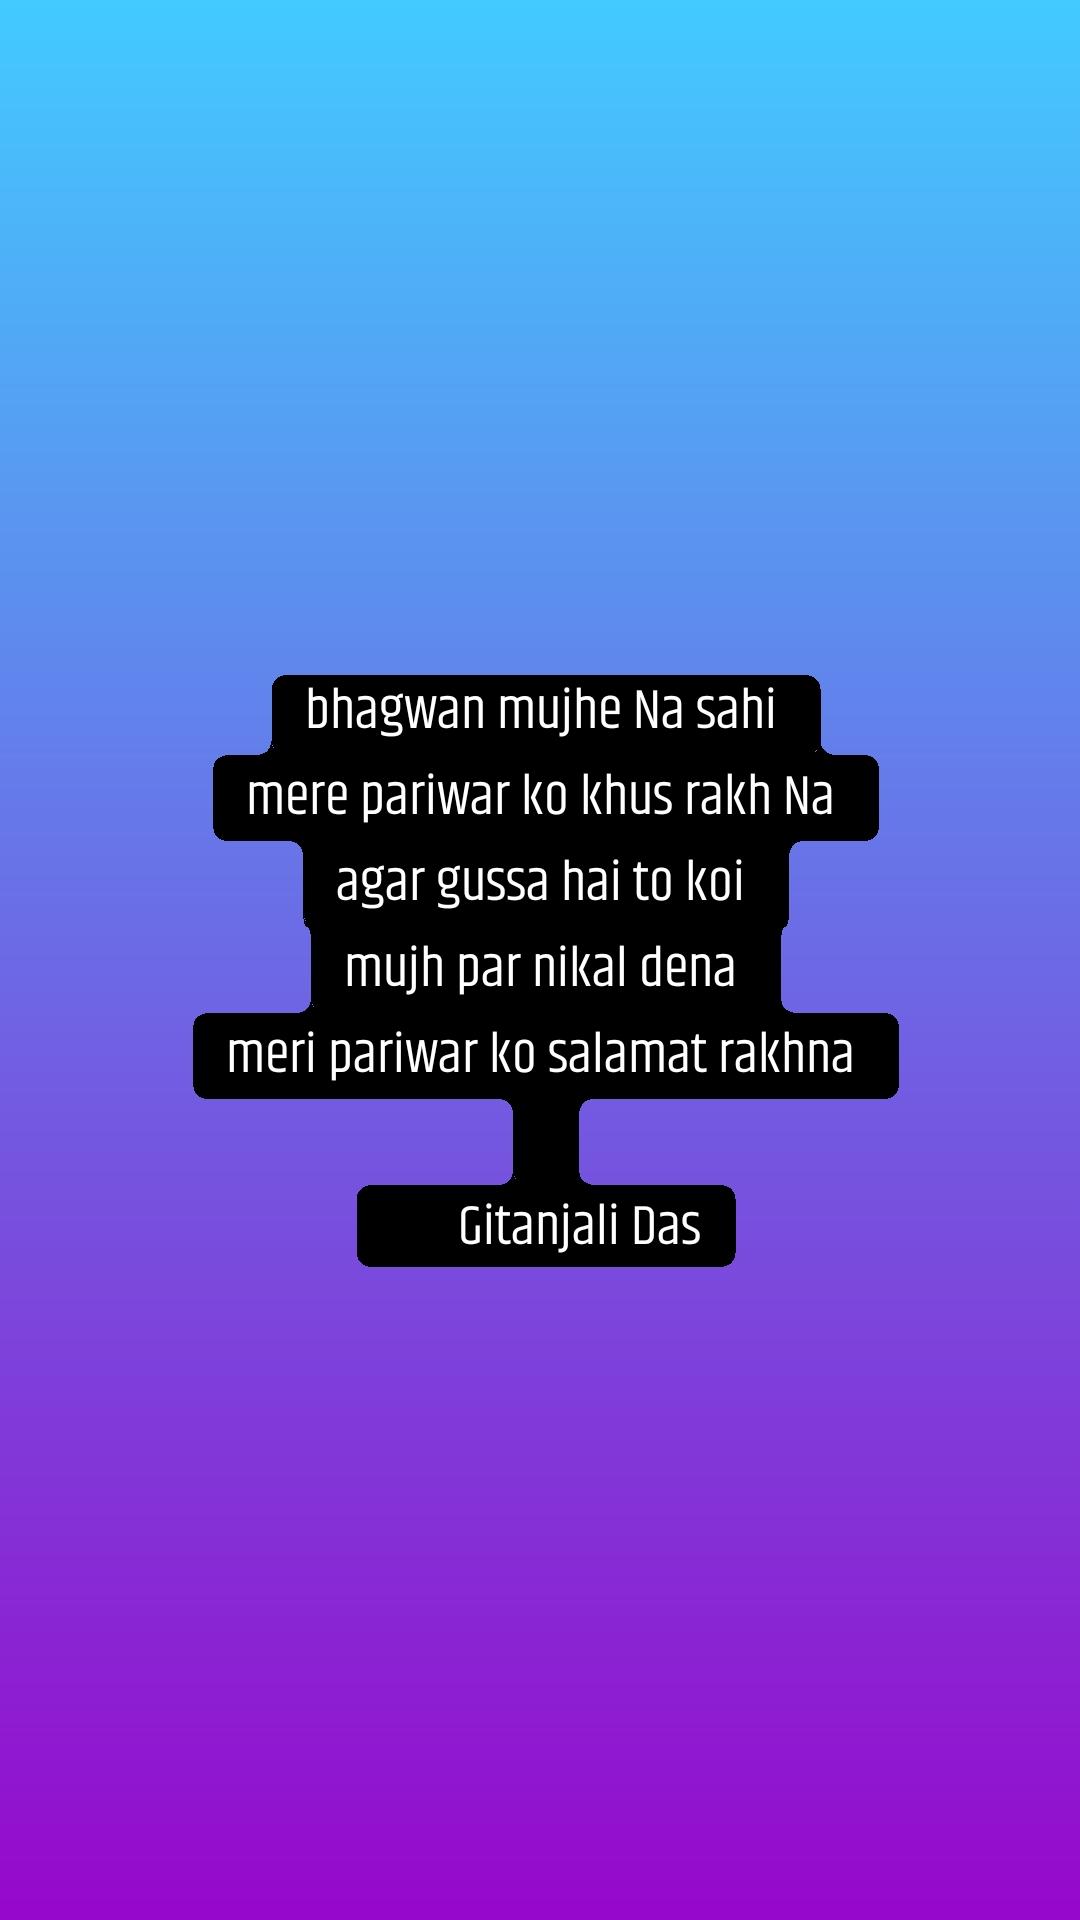 bhagwan mujhe Na sahi  mere pariwar ko khus rakh Na  agar gussa hai to koi  mujh par nikal dena  meri pariwar ko salamat rakhna          Gitanjali Das